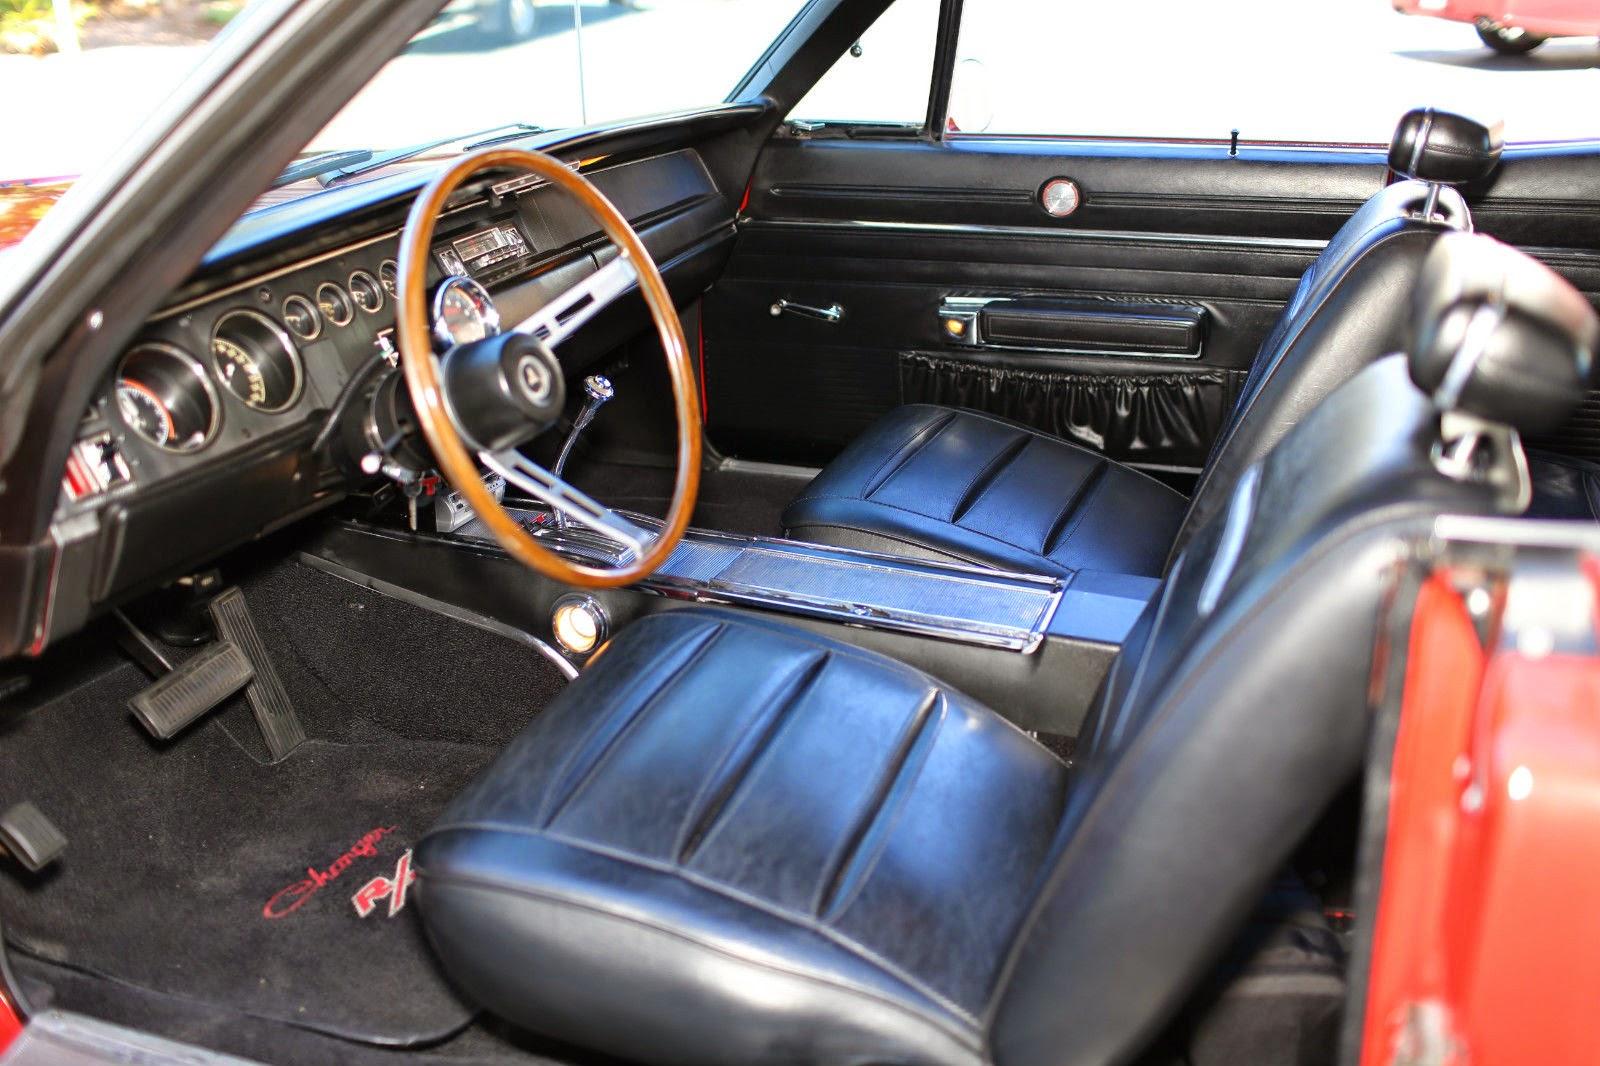 1968 dodge charger r t 440 complete restoration auto restorationice. Black Bedroom Furniture Sets. Home Design Ideas